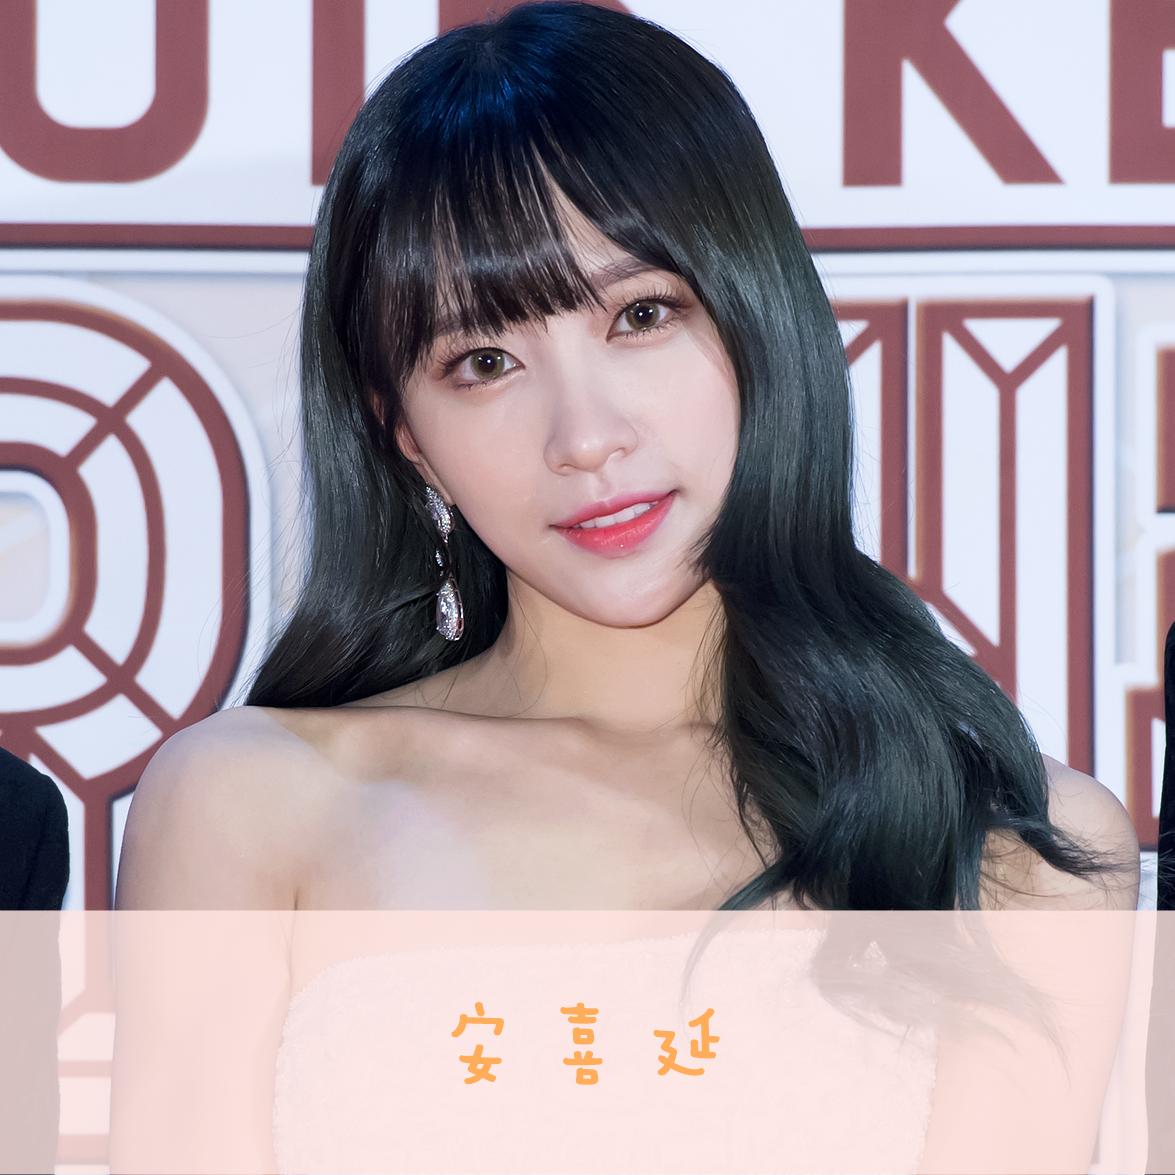 韓國名字有一種魔力,讓人覺得有點夢幻,像是小說女主角一樣?